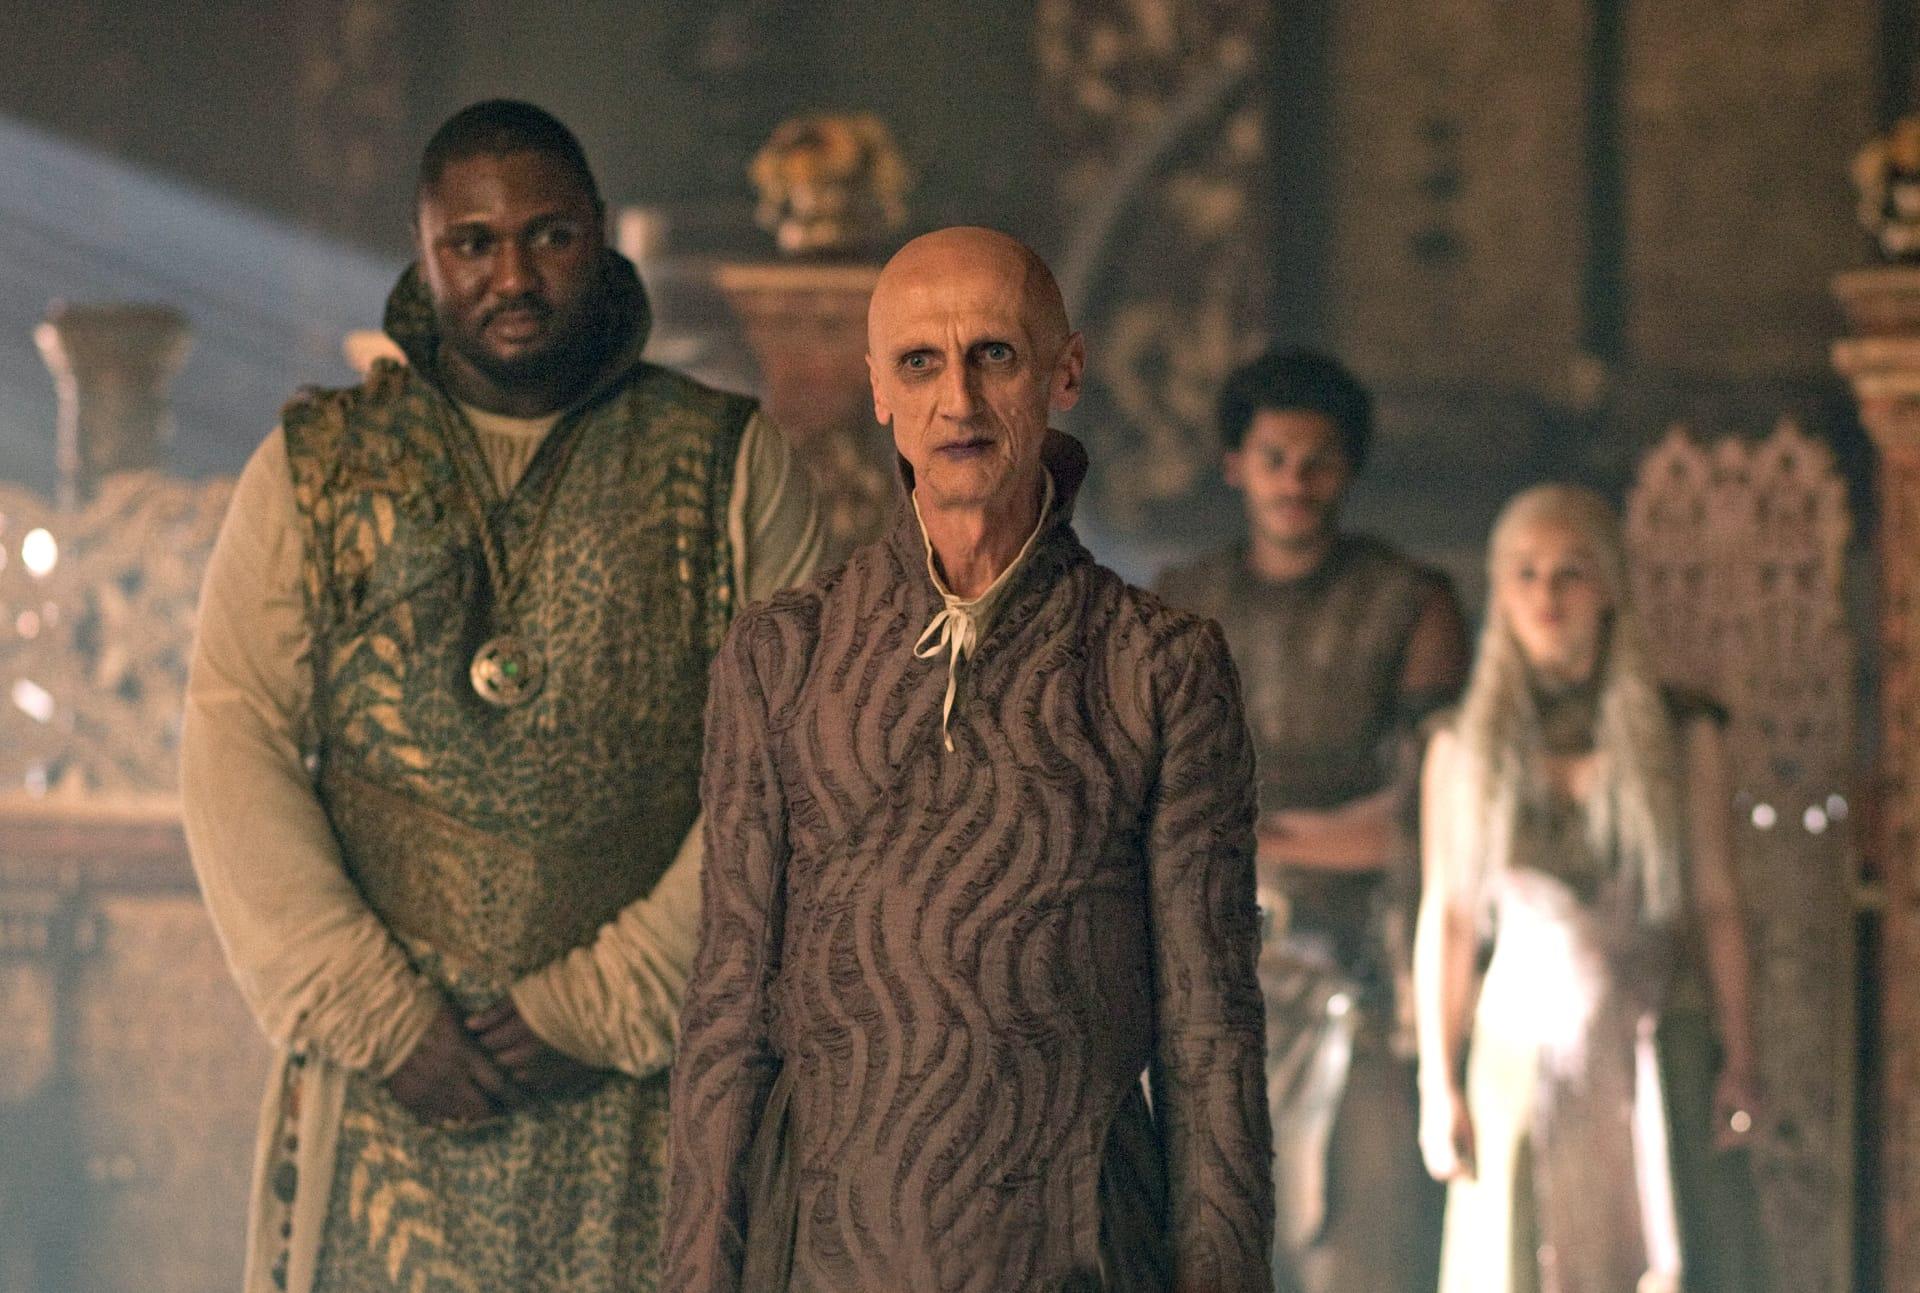 Game of Thrones - Valar Dohaeris